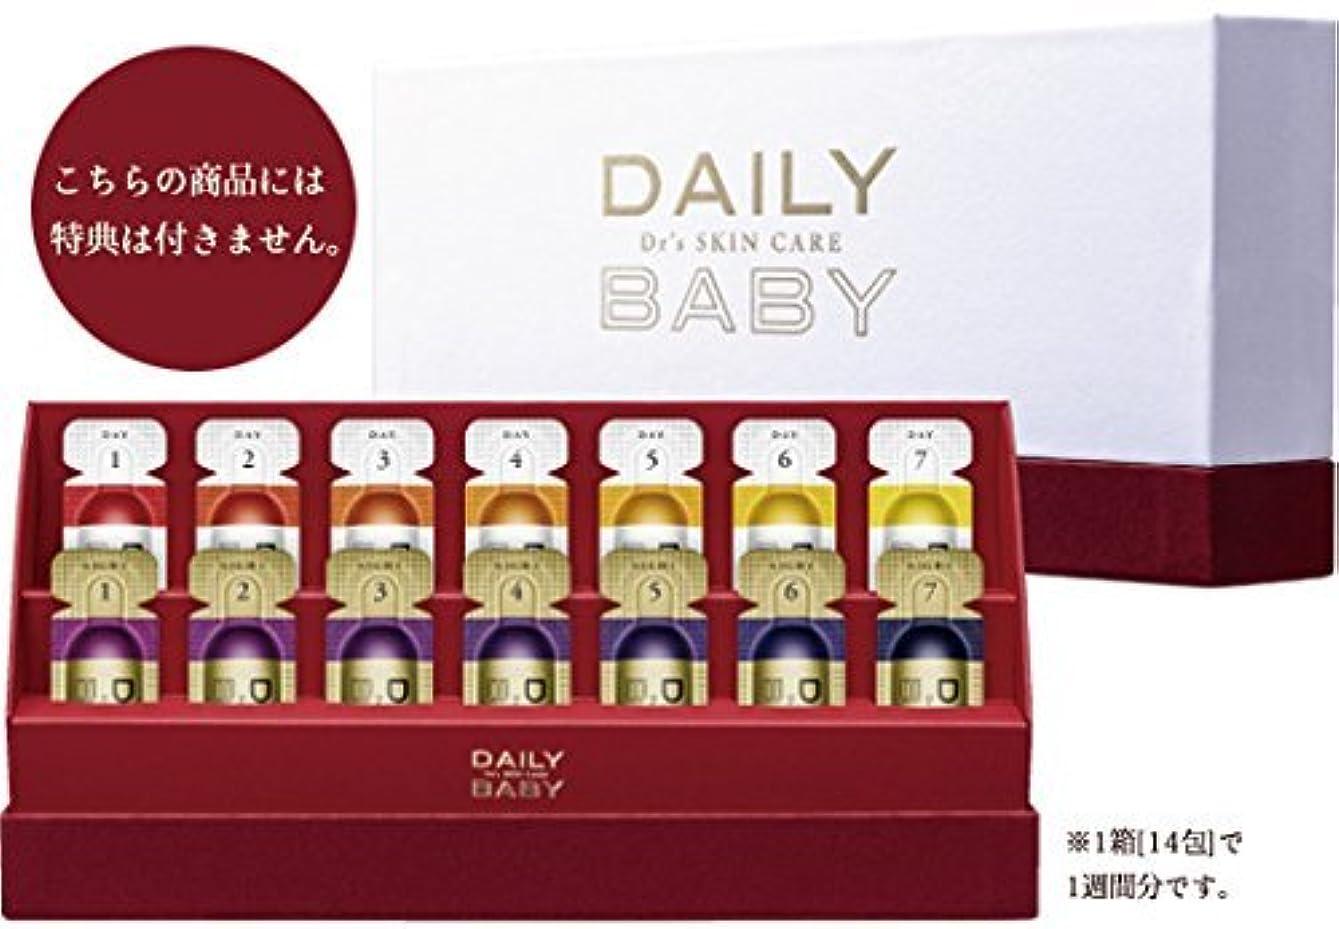 スパーク接触コスト株式会社 Blanc デイリーベイビー(DAILY Dr's SKIN CARE BABY)【GACKT氏が完全プロデュース】1week版(1箱14包×1箱)